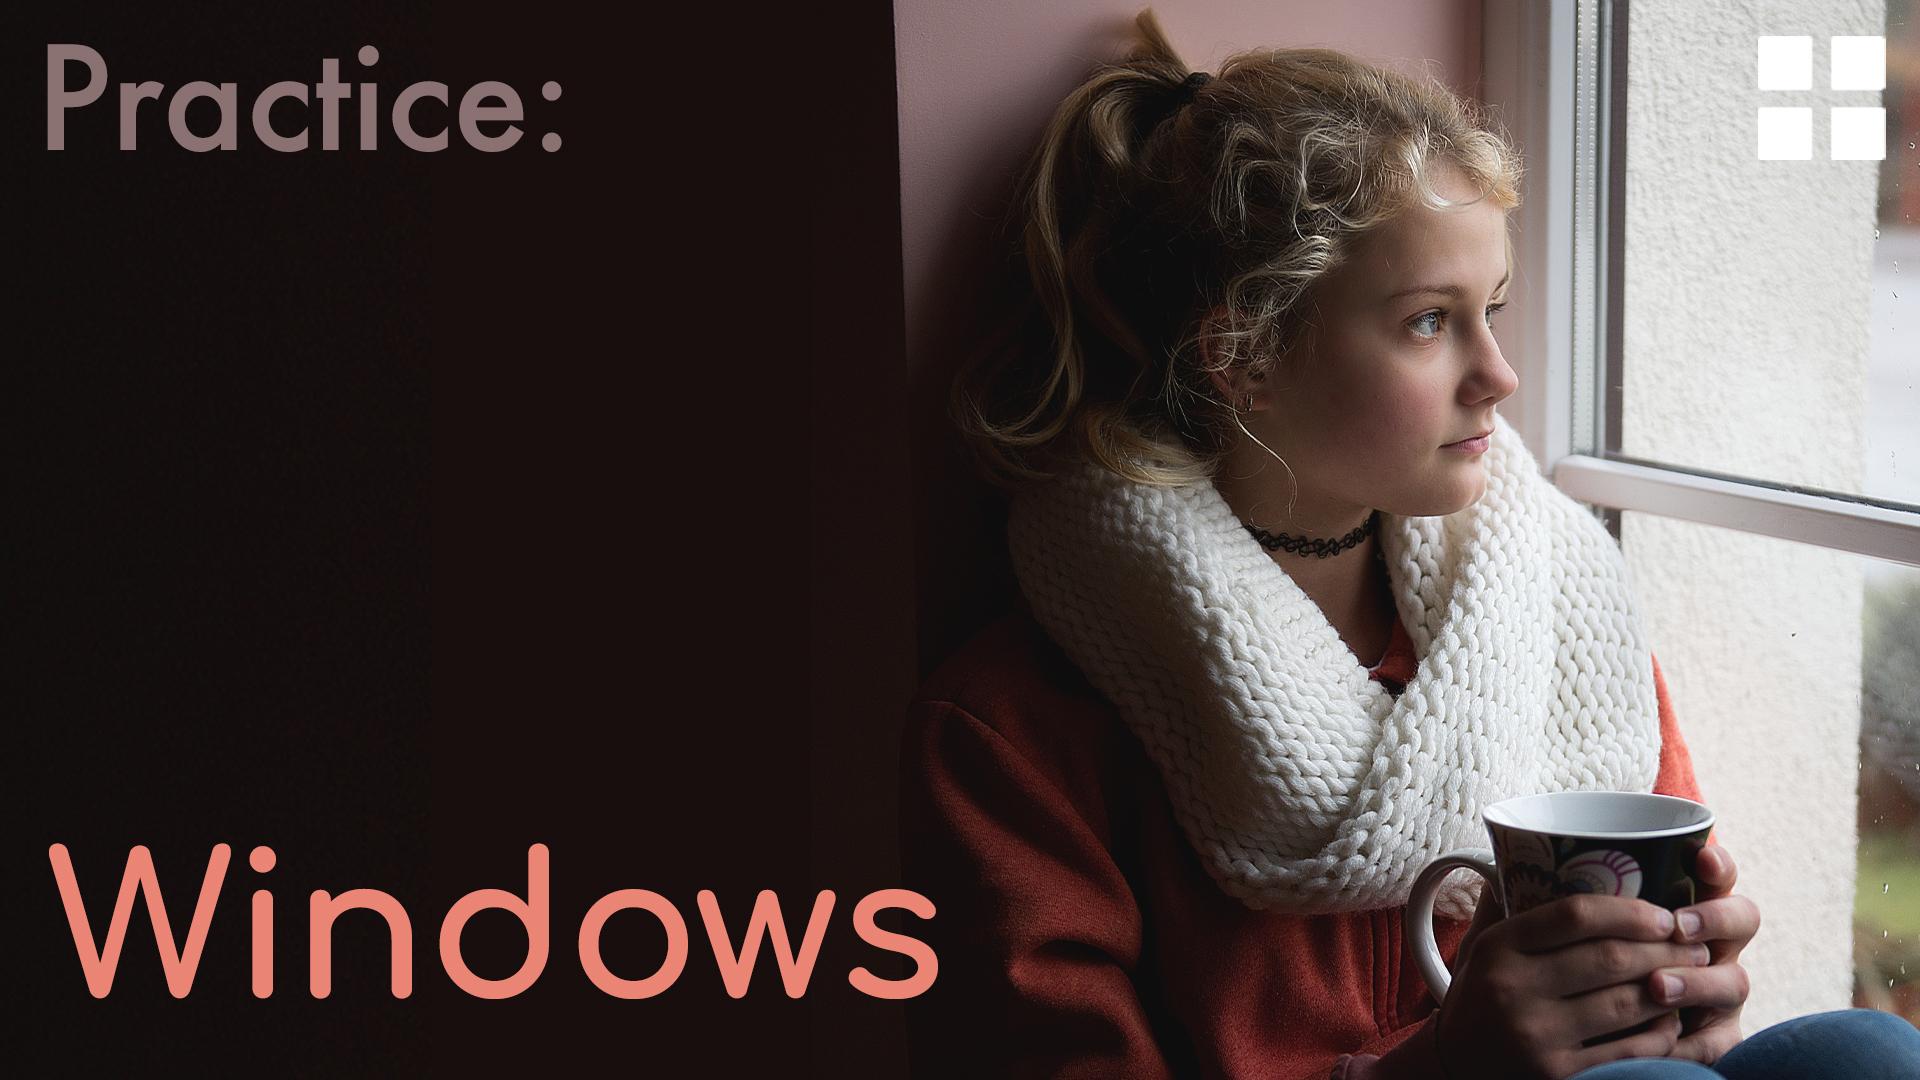 Practice: Windows